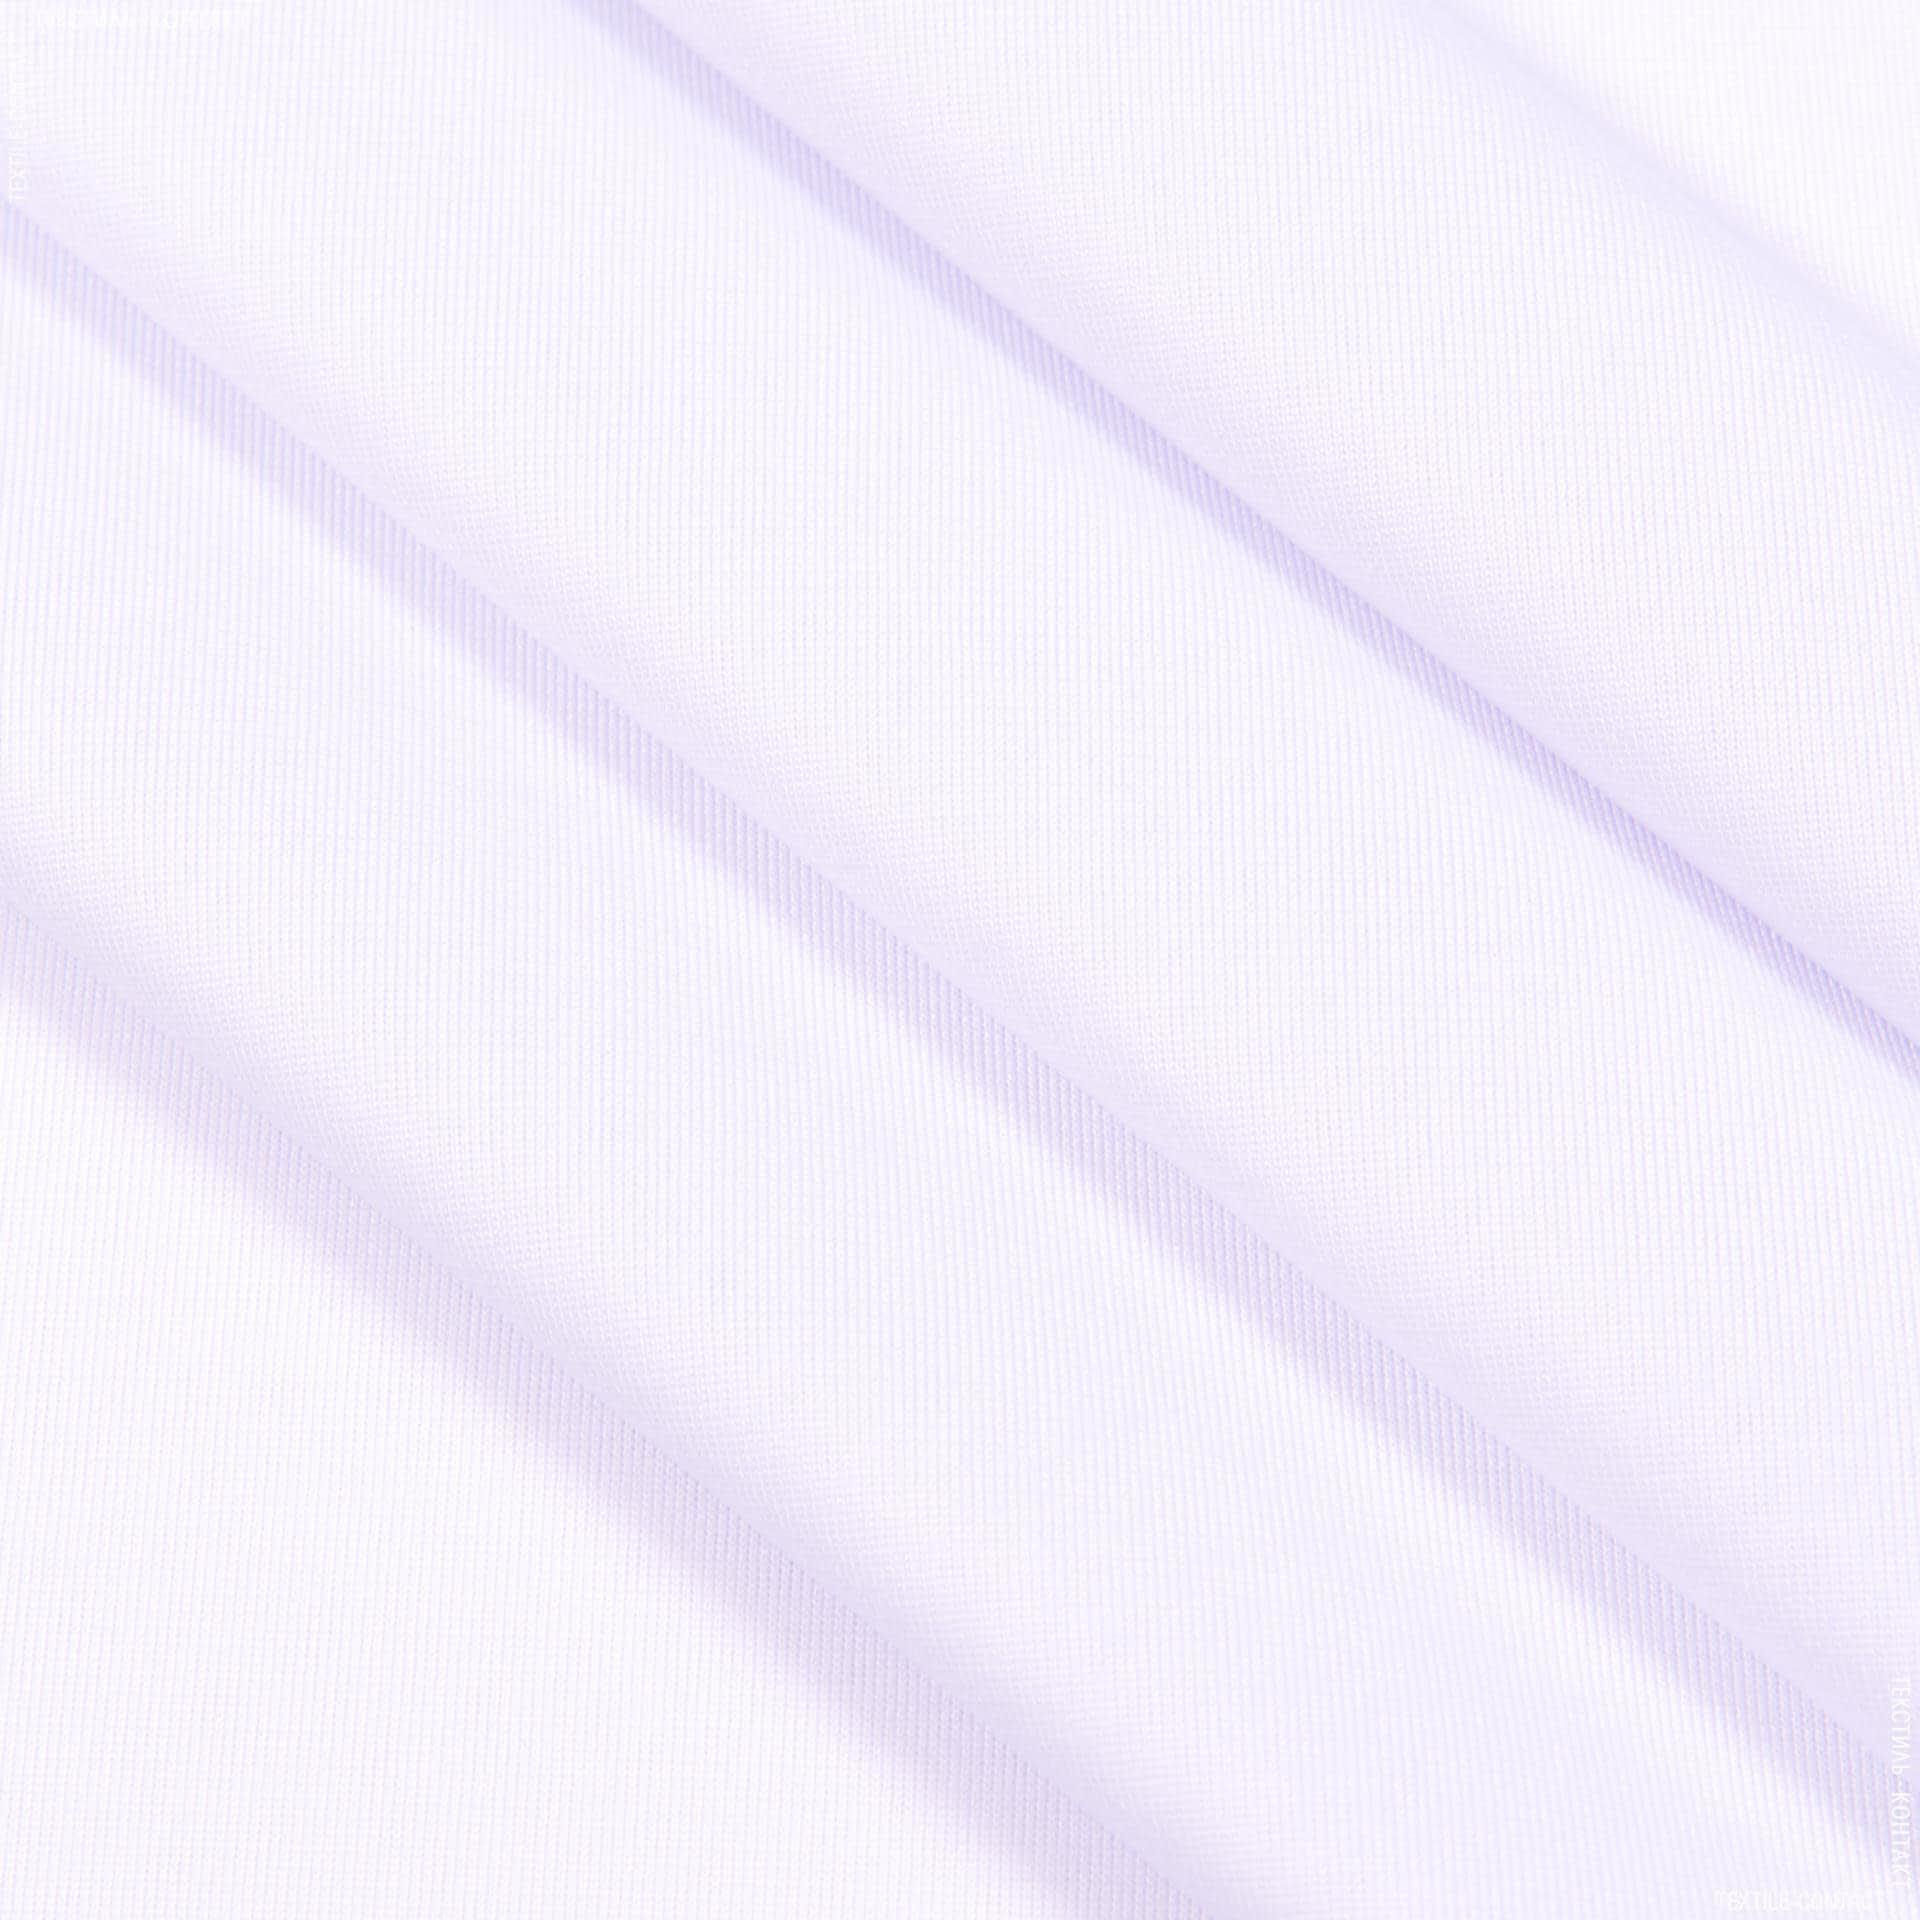 Тканини для суконь - Трикотаж масло білий